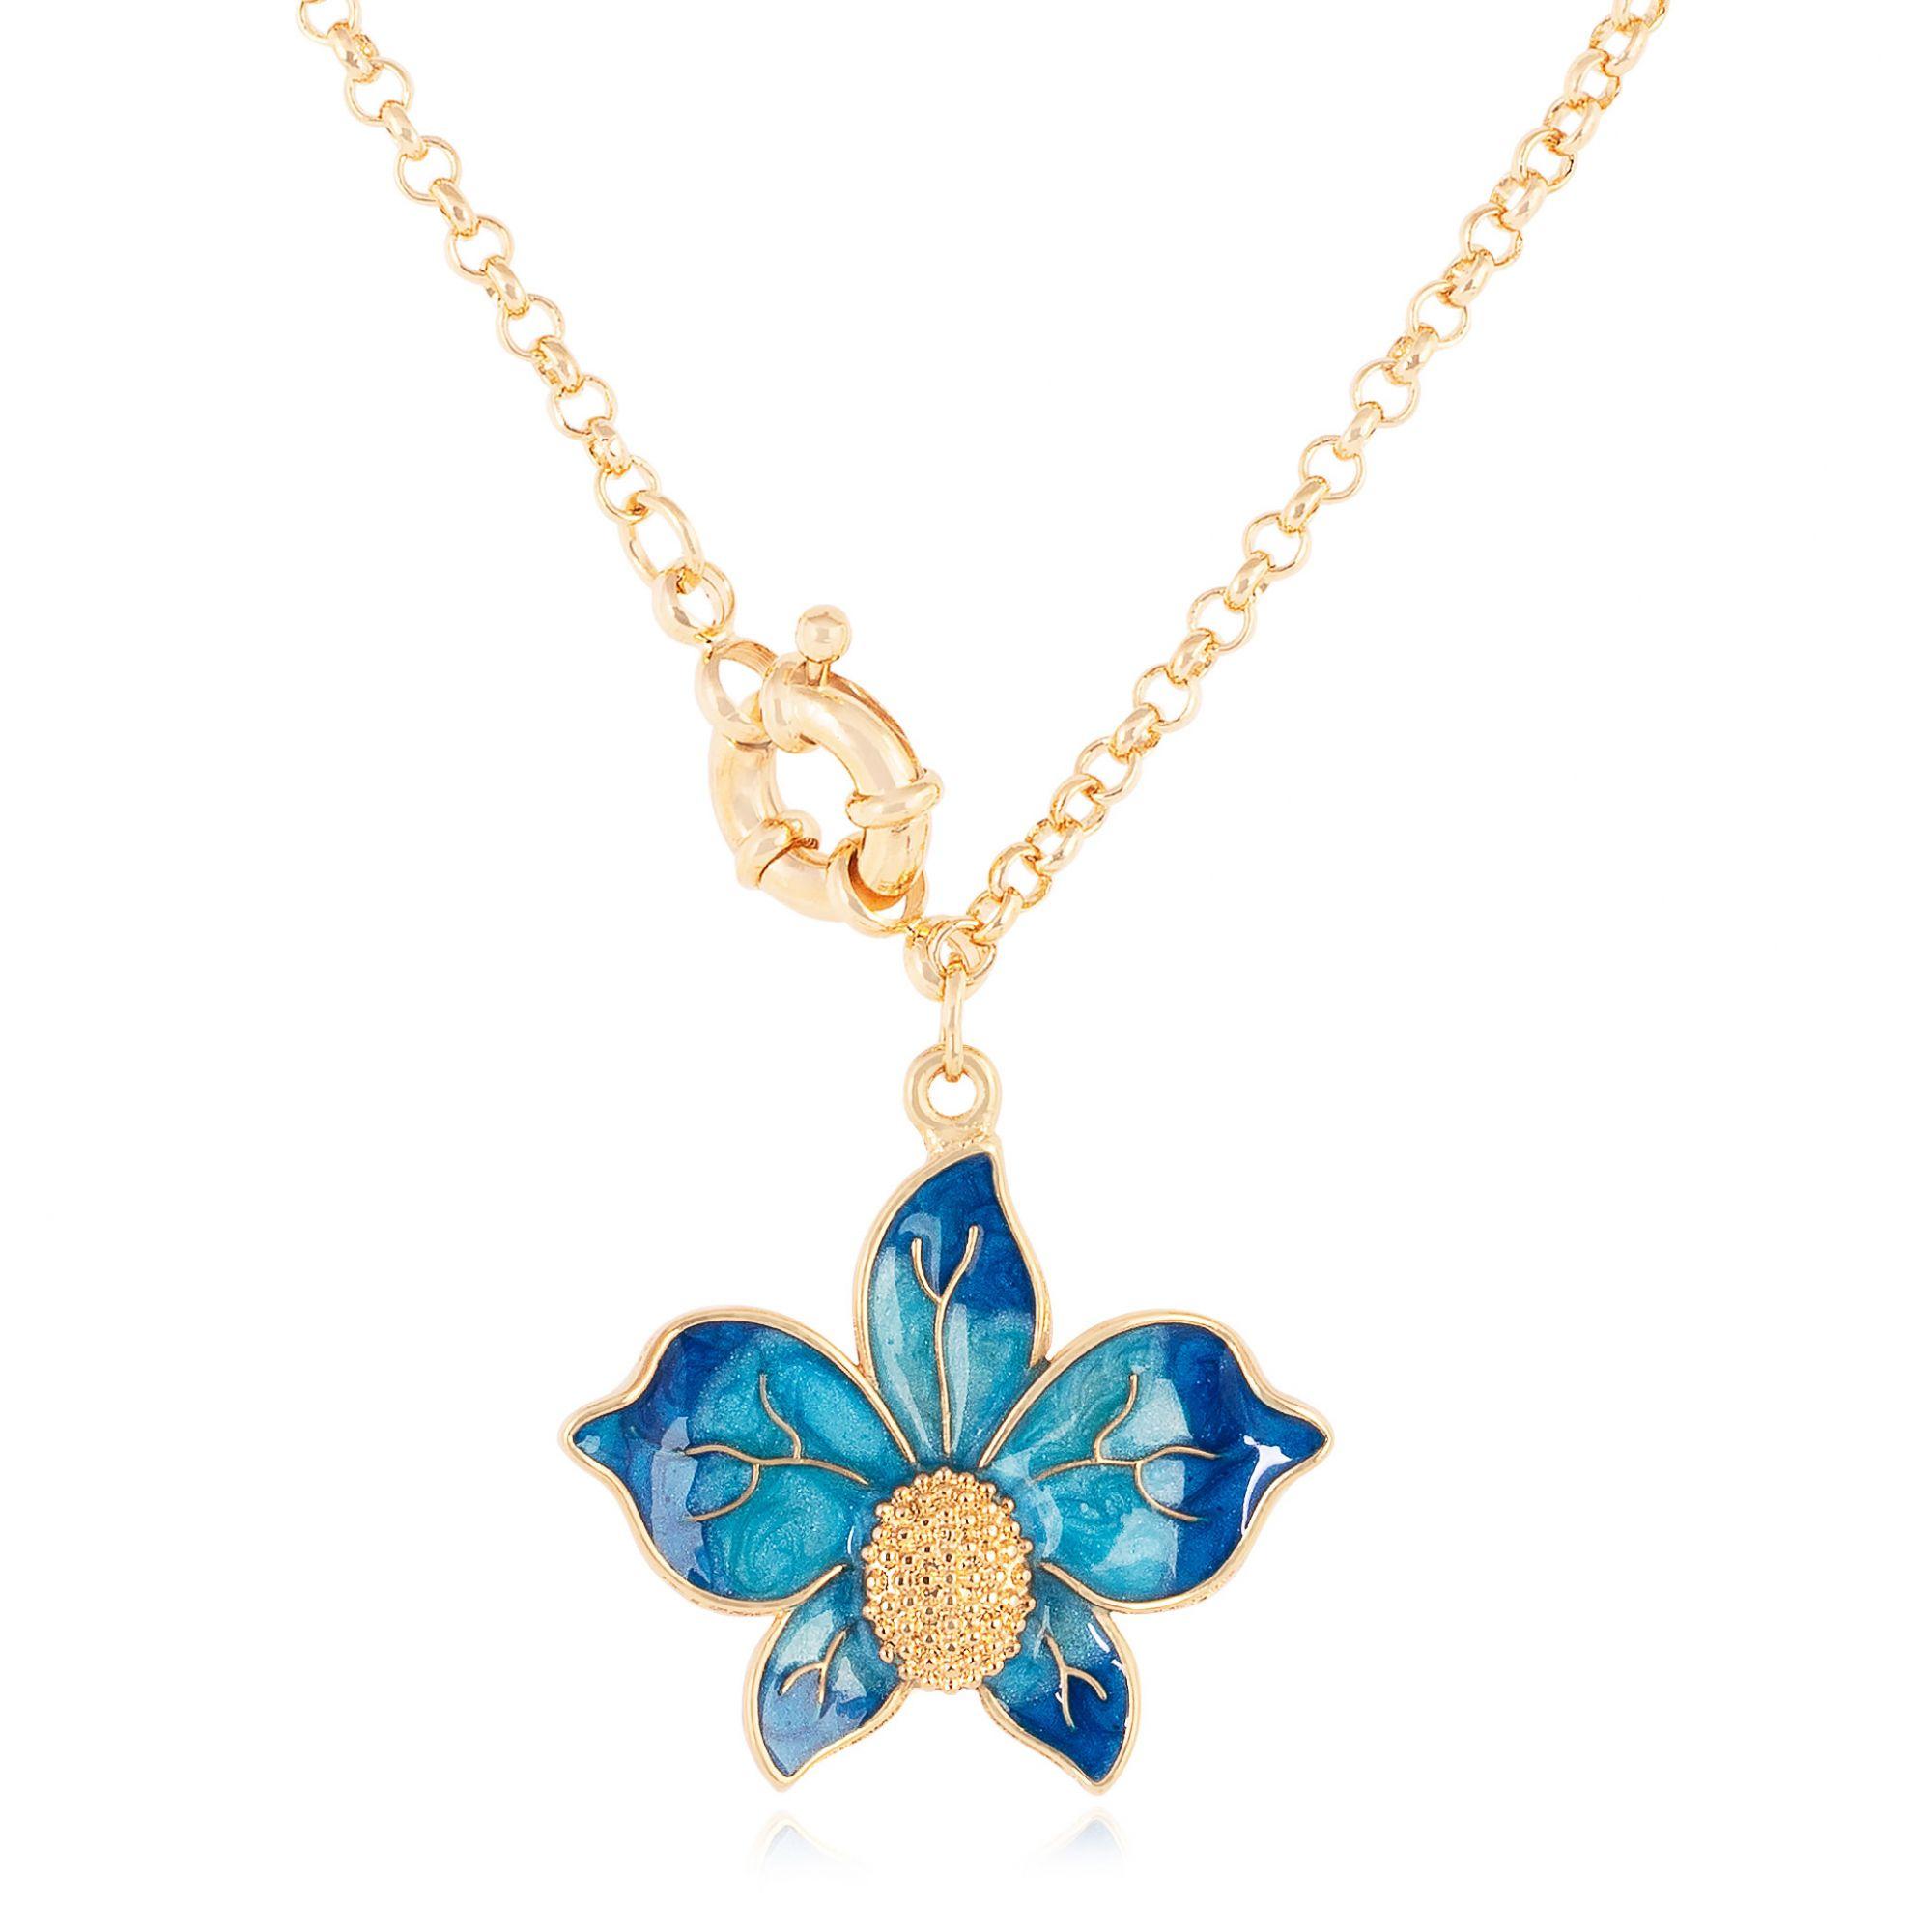 Colar de orquídea banhado a ouro 18k resinado em azul.  - romabrazil.com.br